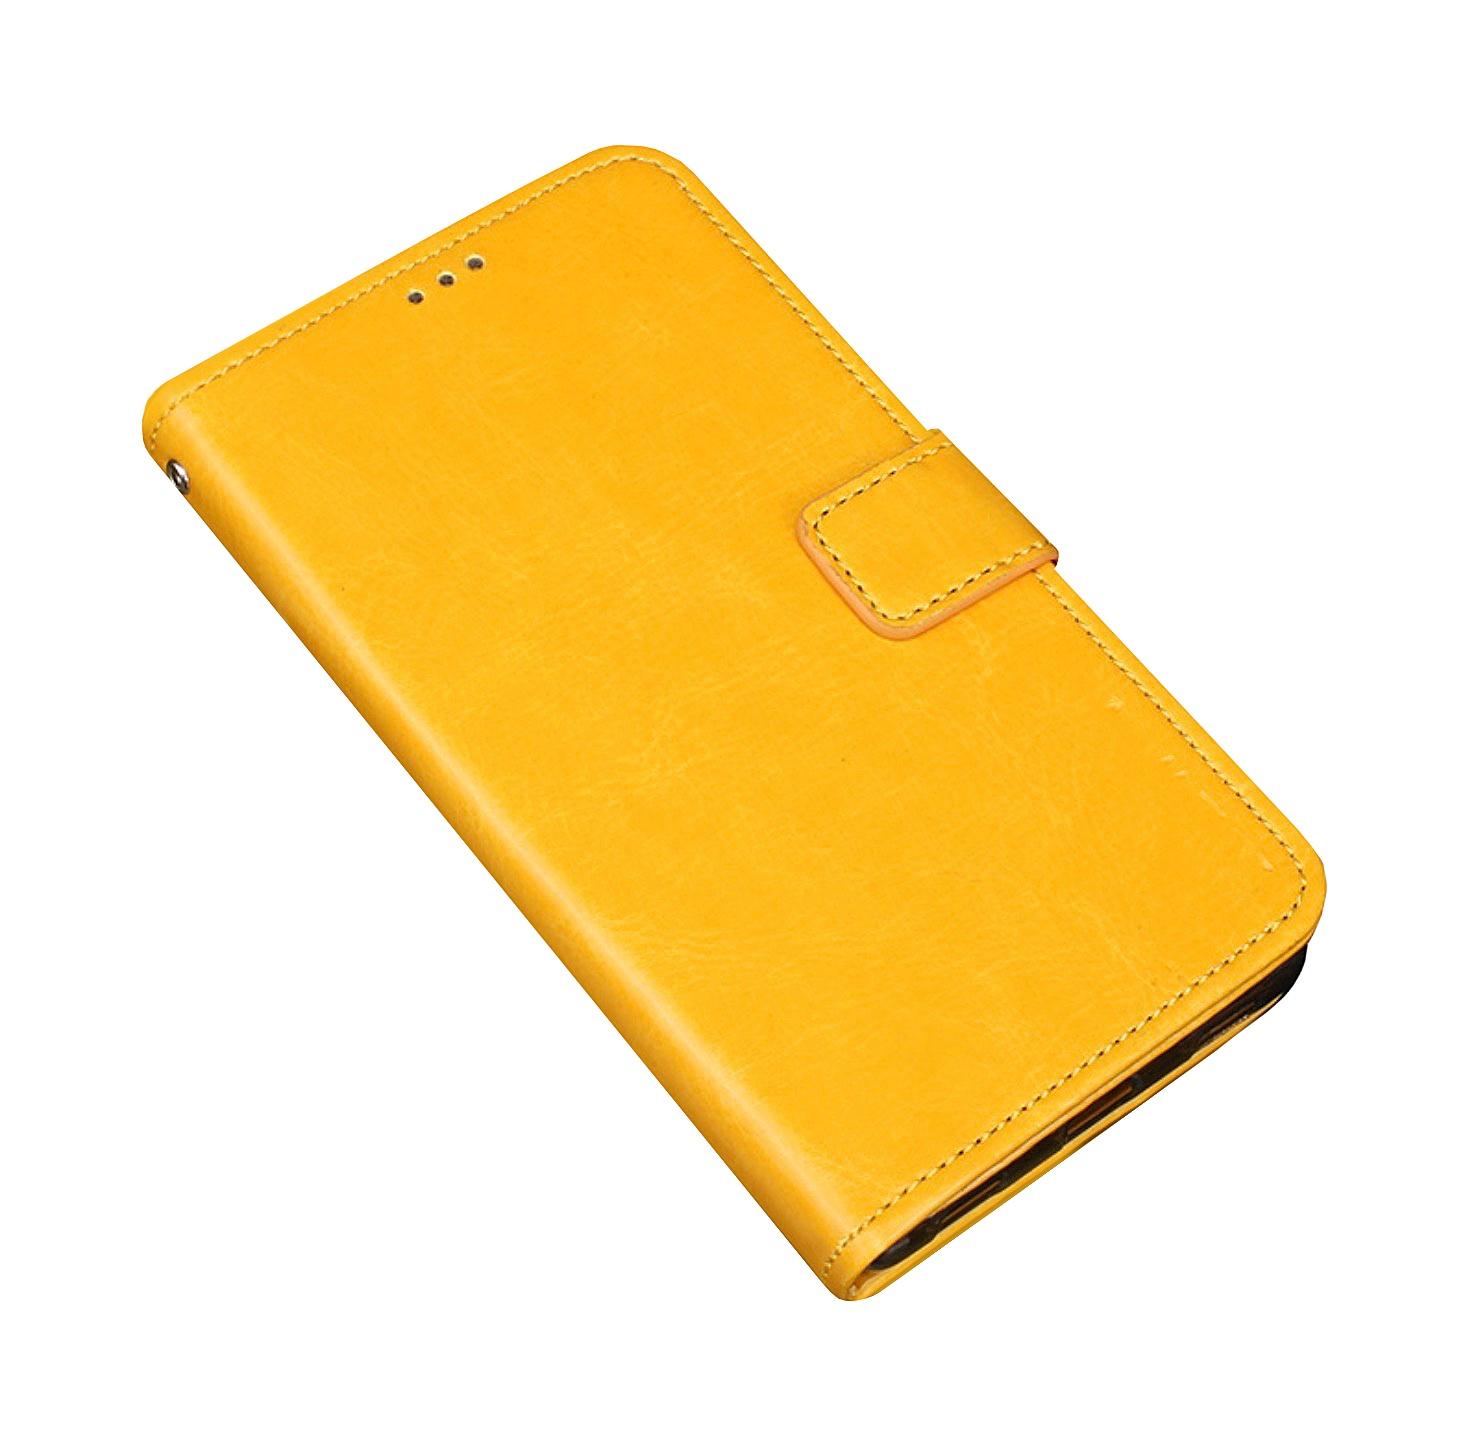 Чехол-книжка MyPads для Huawei Honor V10 / Honor View 5.99 (BKL-AL20) с мульти-подставкой застёжкой и визитницей желтый